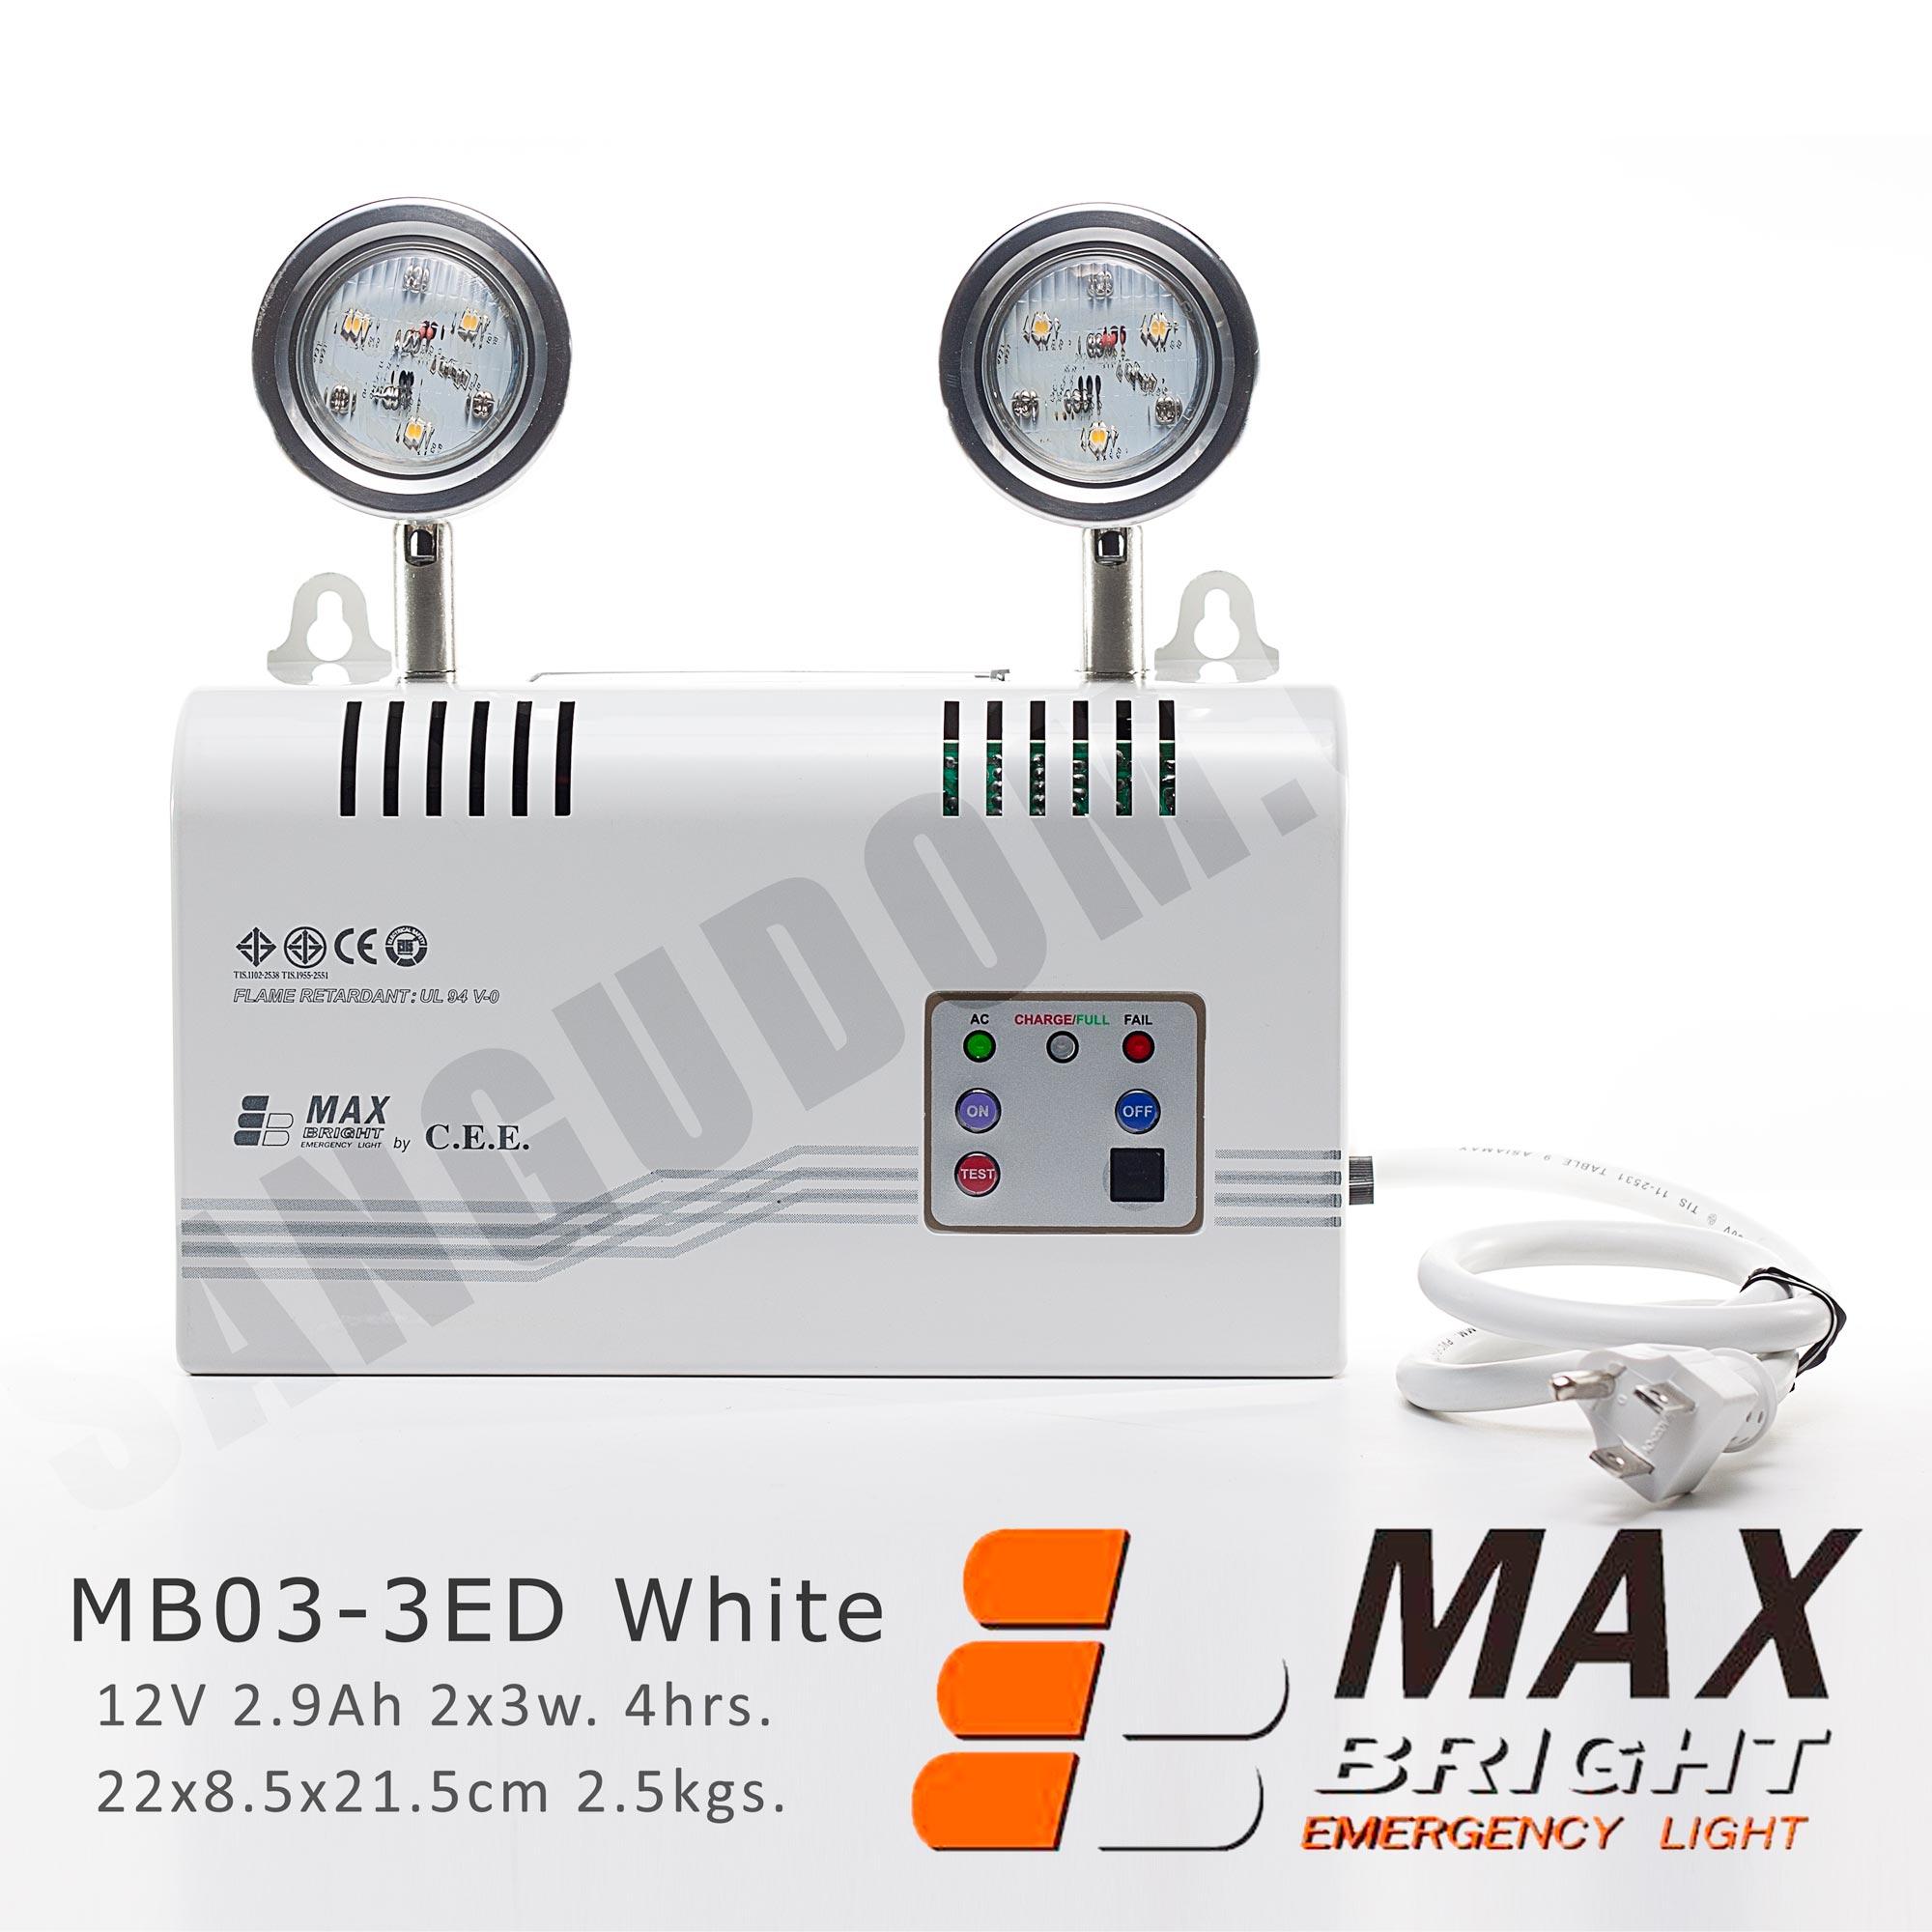 โคมไฟฉุกเฉิน LED 2 หลอด 3 watt 12V 2.9Ah 4hrs สีขาว MB03-3ED MAX BRIGHT Emergency Light